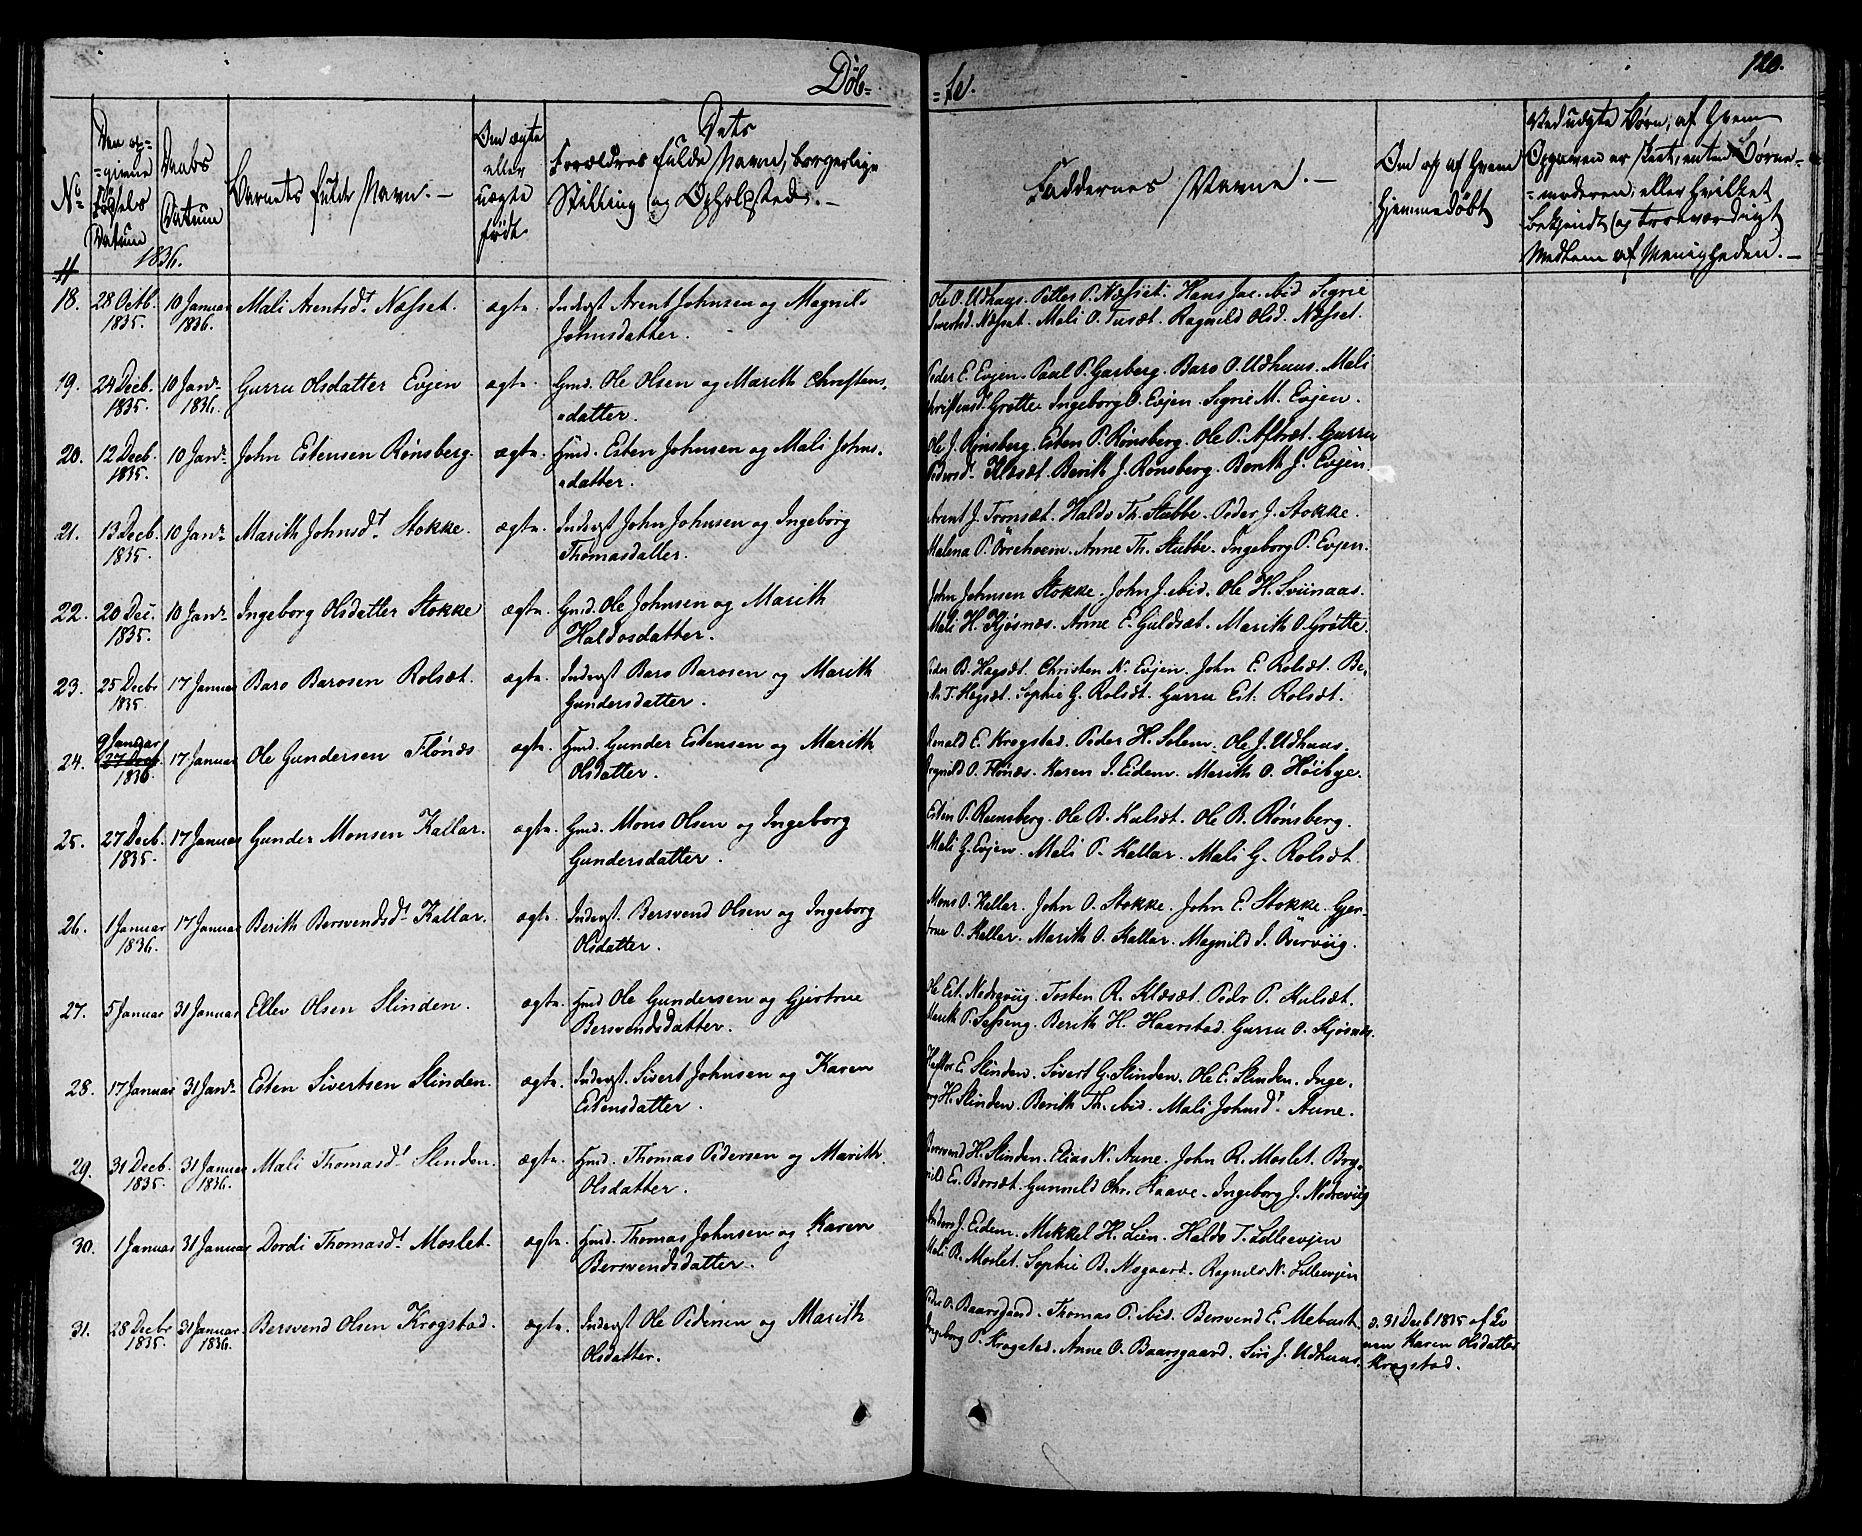 SAT, Ministerialprotokoller, klokkerbøker og fødselsregistre - Sør-Trøndelag, 695/L1143: Ministerialbok nr. 695A05 /1, 1824-1842, s. 120